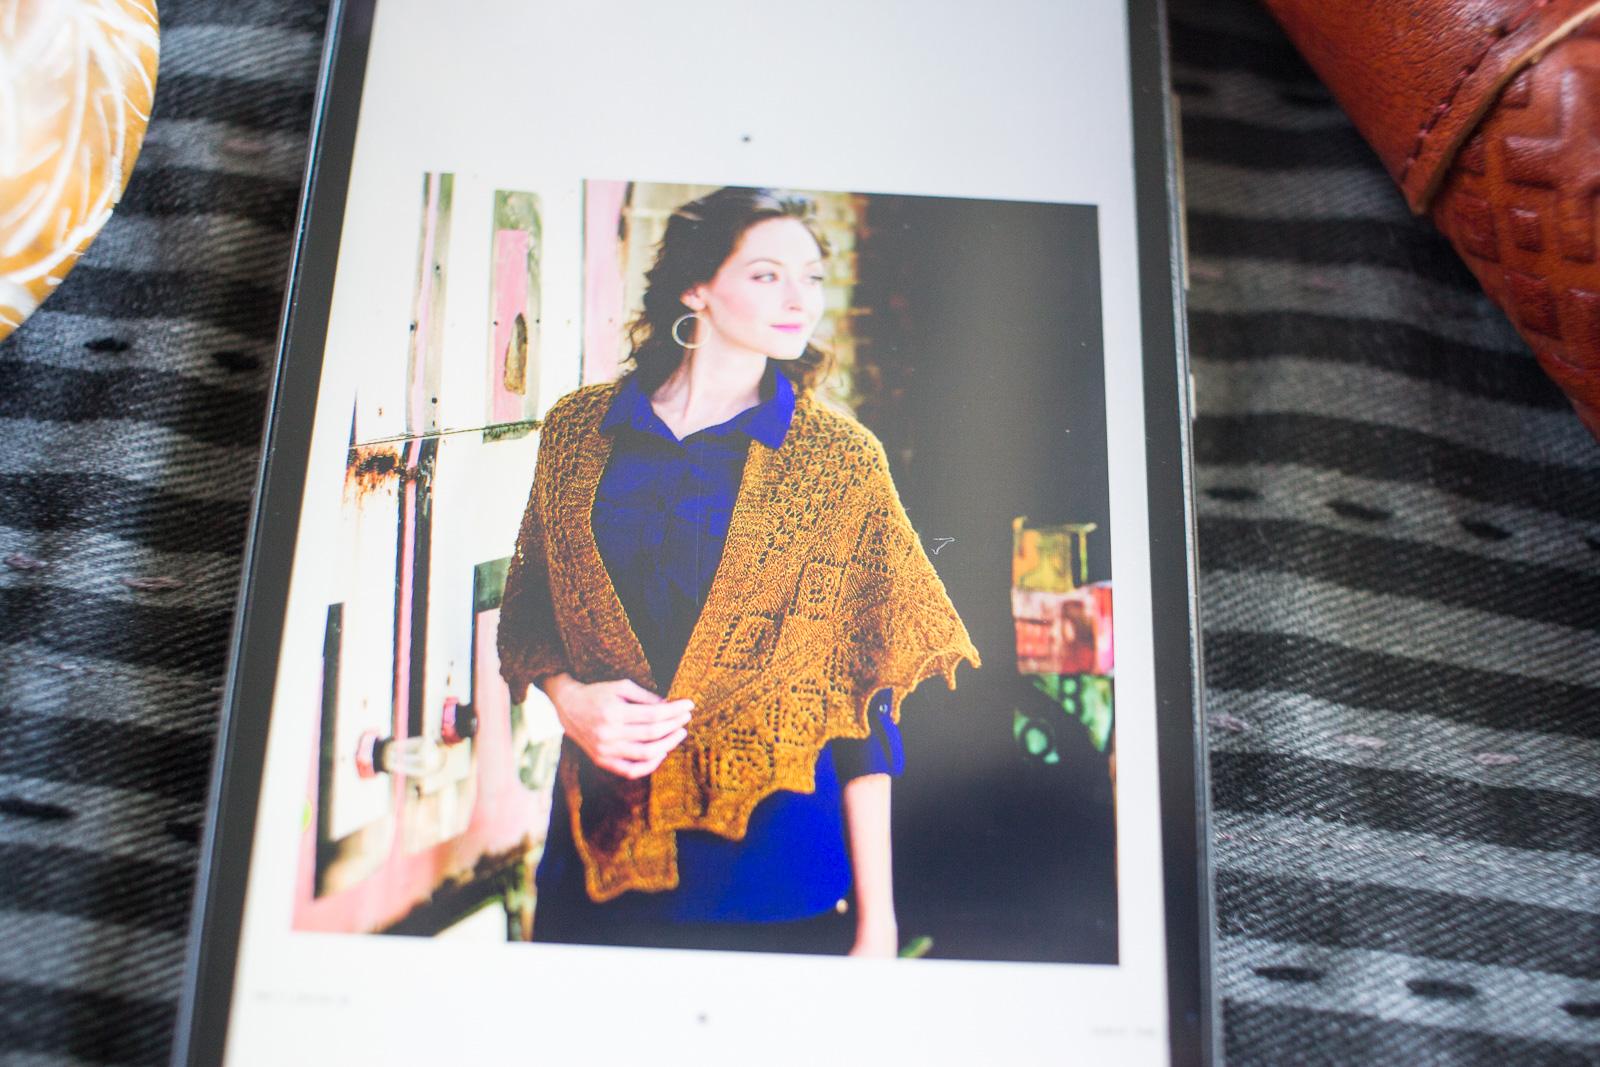 """Lace Dreieckstuch aus dem Buch """"Loops & Schals - Tolle Ideen zum Stricken"""" von Ann Budd, erschienen im Bassermann Verlag"""